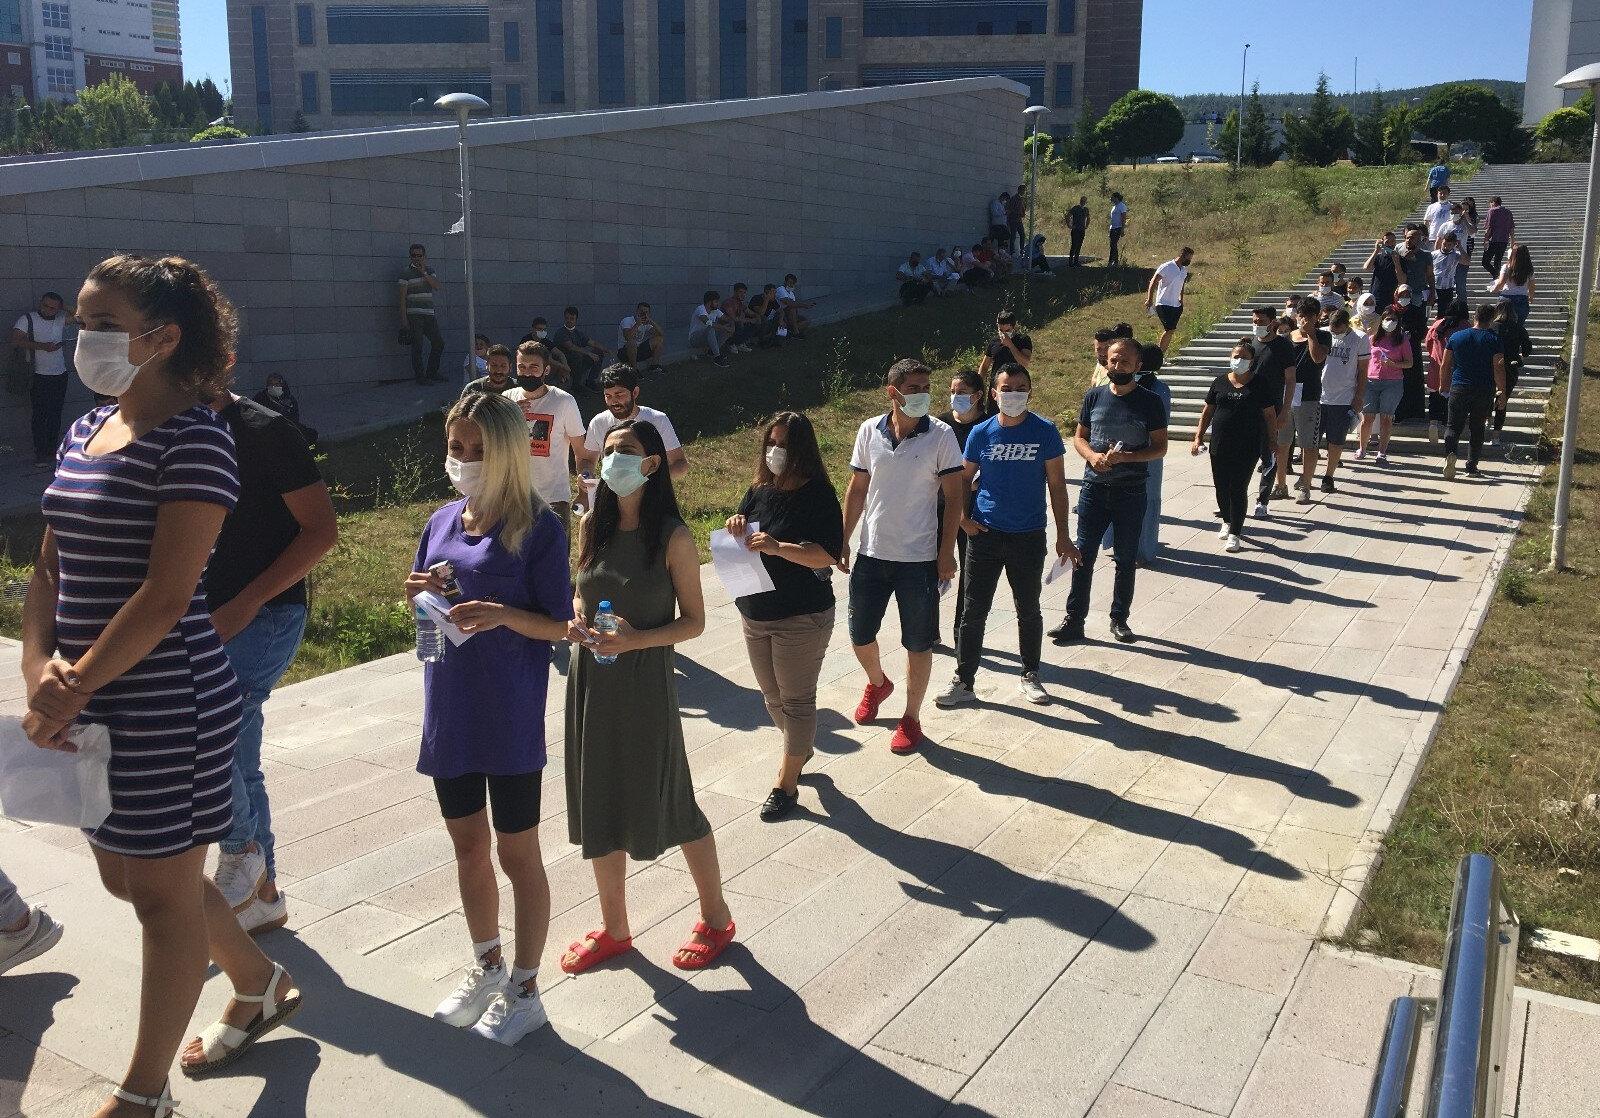 Bartında KPSS sınavı öncesi bazı binaların önünde uzun kuyruklar oluştu.